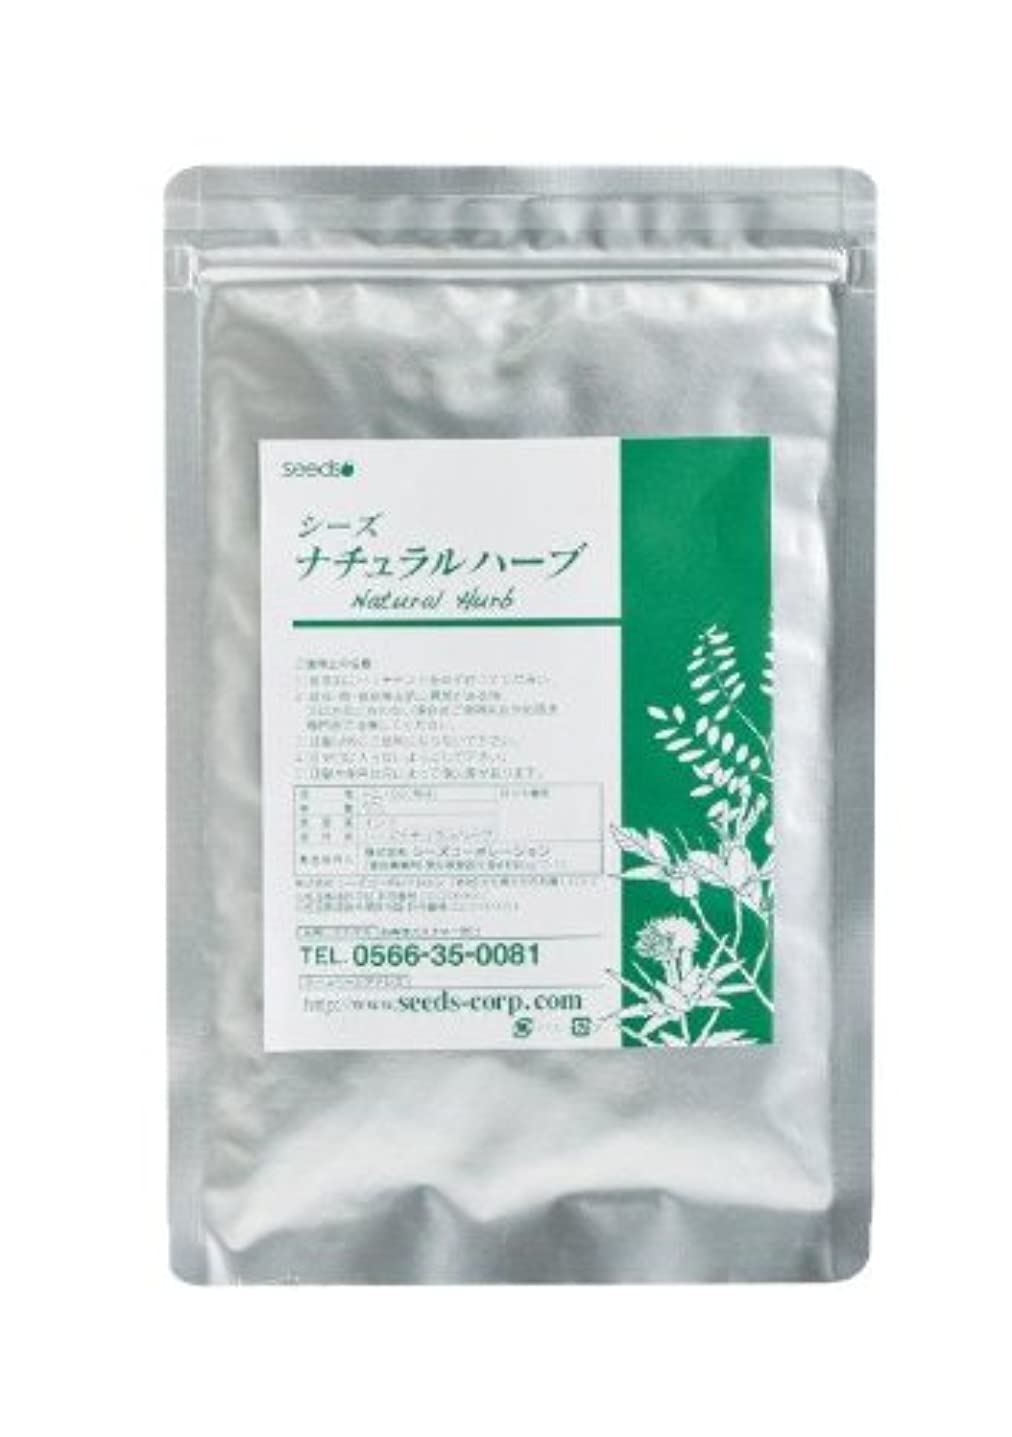 入浴製品以上Seeds ナチュラルハーブカラー ライトブラウン 50g(明るい茶色系)ヘナと5種類の高級ハーブをブレンドした白髪染めです。